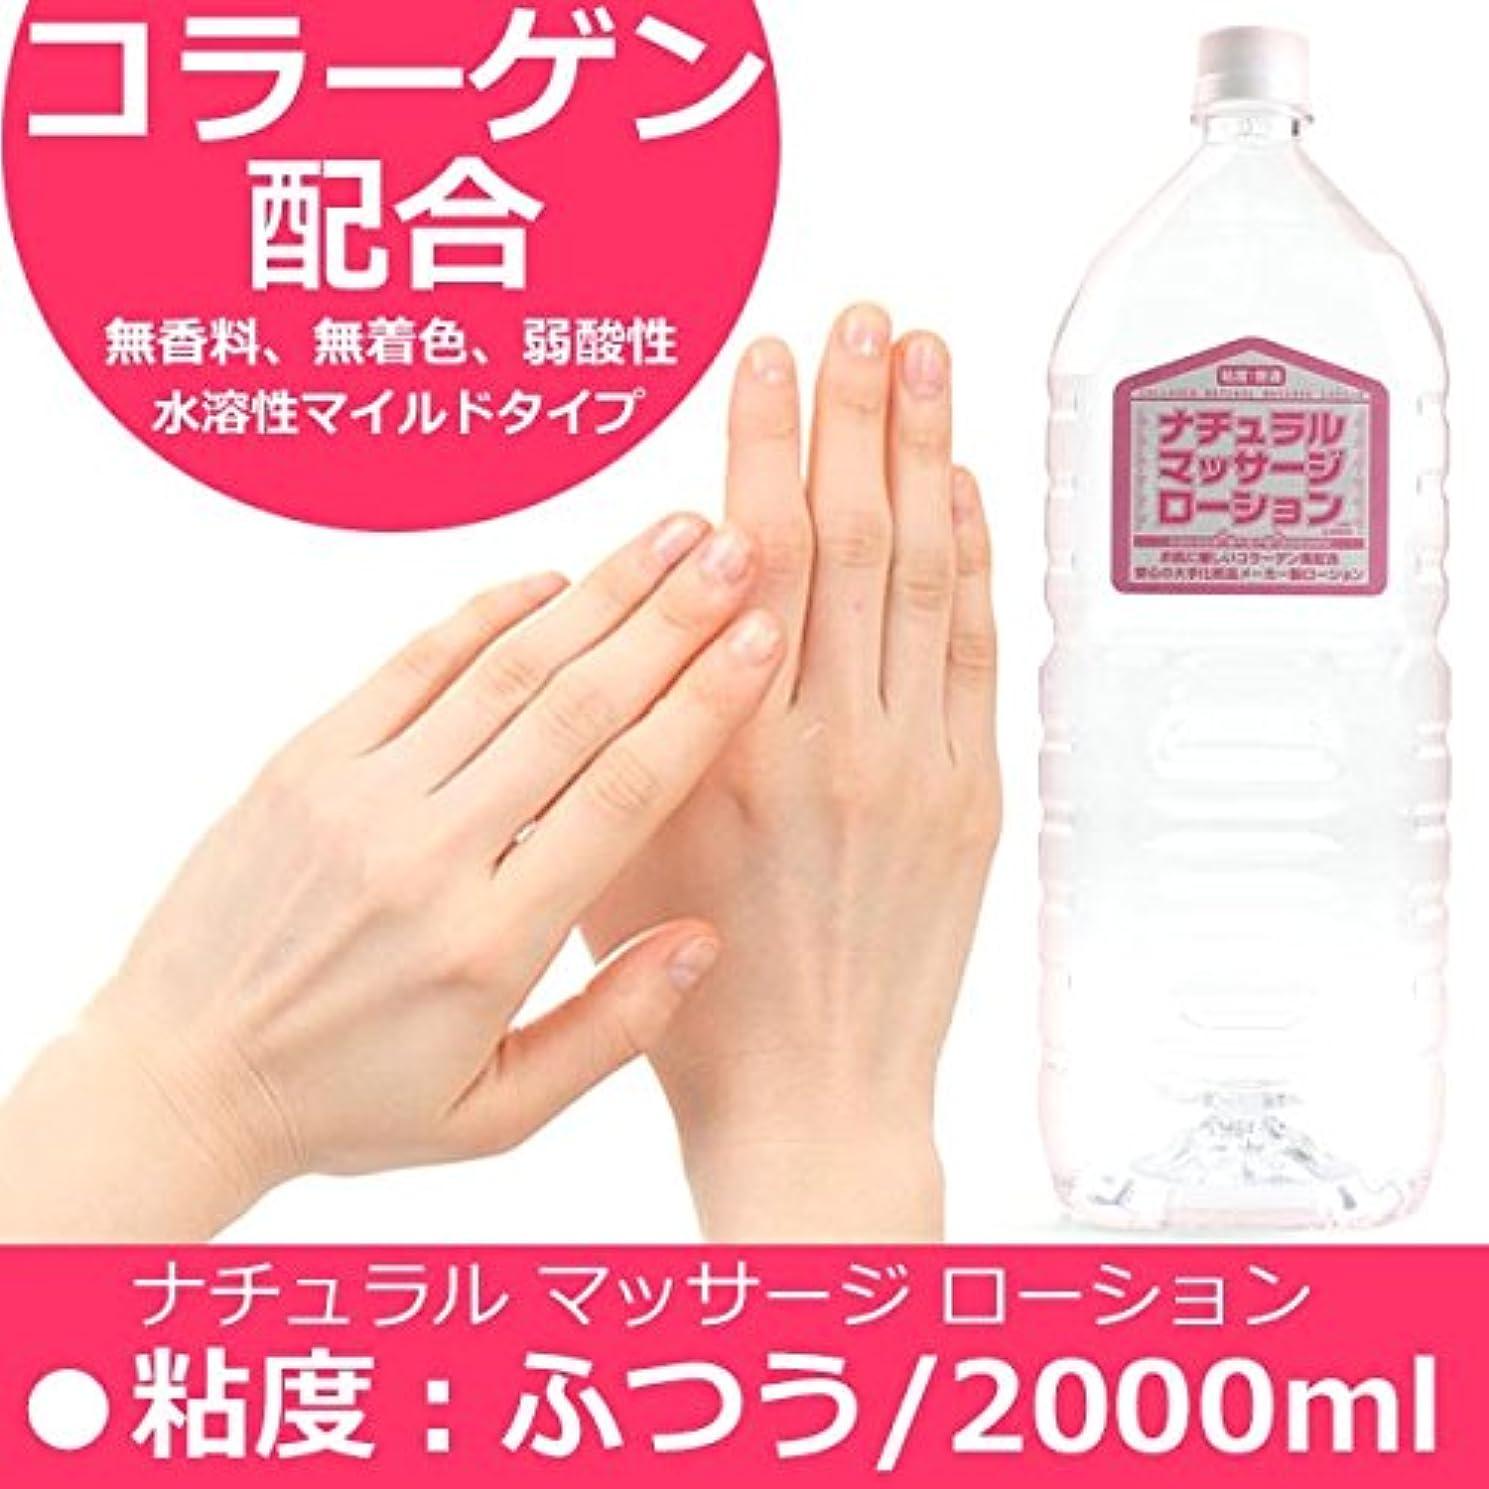 透明に持っている団結ナチュラルマッサージ ローション 2000m 業務用の詰替えにも!!